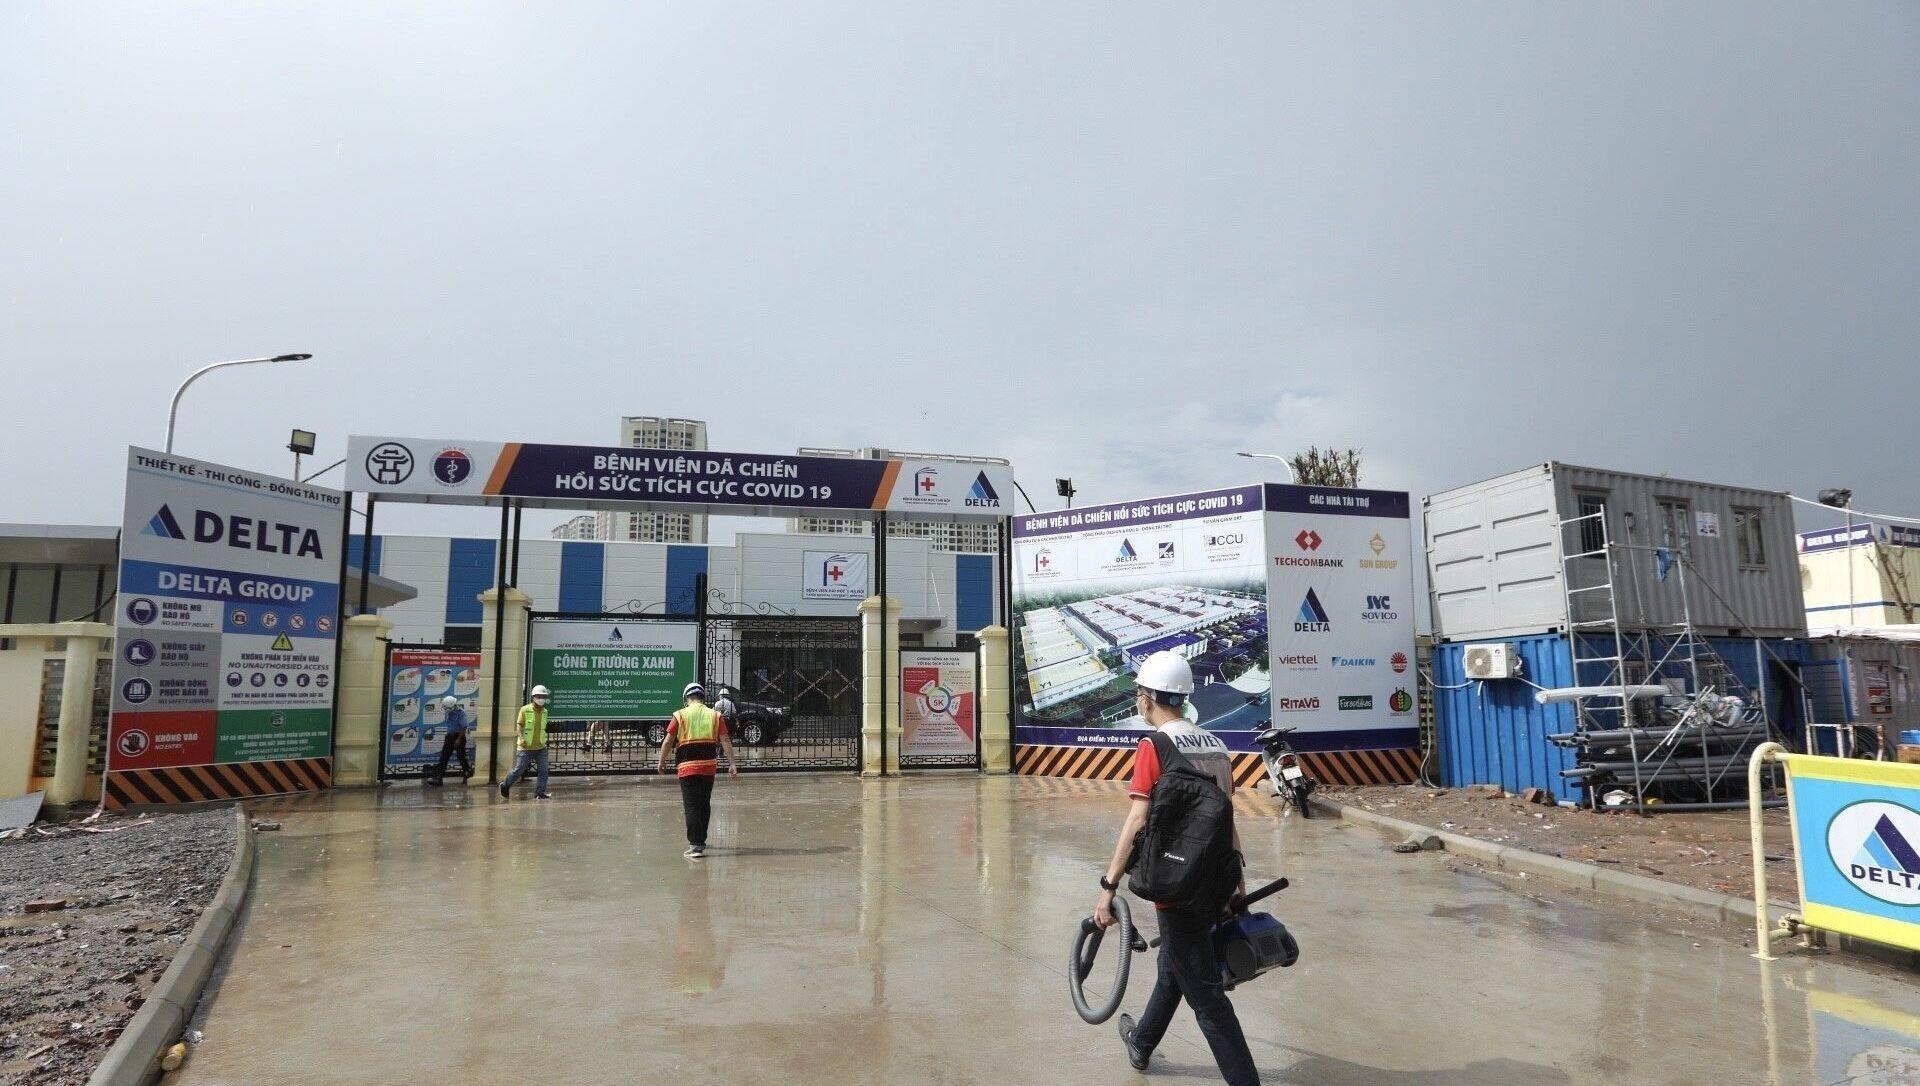 Bệnh viện dã chiến hồi sức điều trị cho bệnh nhân COVID-19 quy mô lớn đặt tại ngõ 587 Tam Trinh (quận Hoàng Mai, TP Hà Nội). - Sputnik Việt Nam, 1920, 31.08.2021